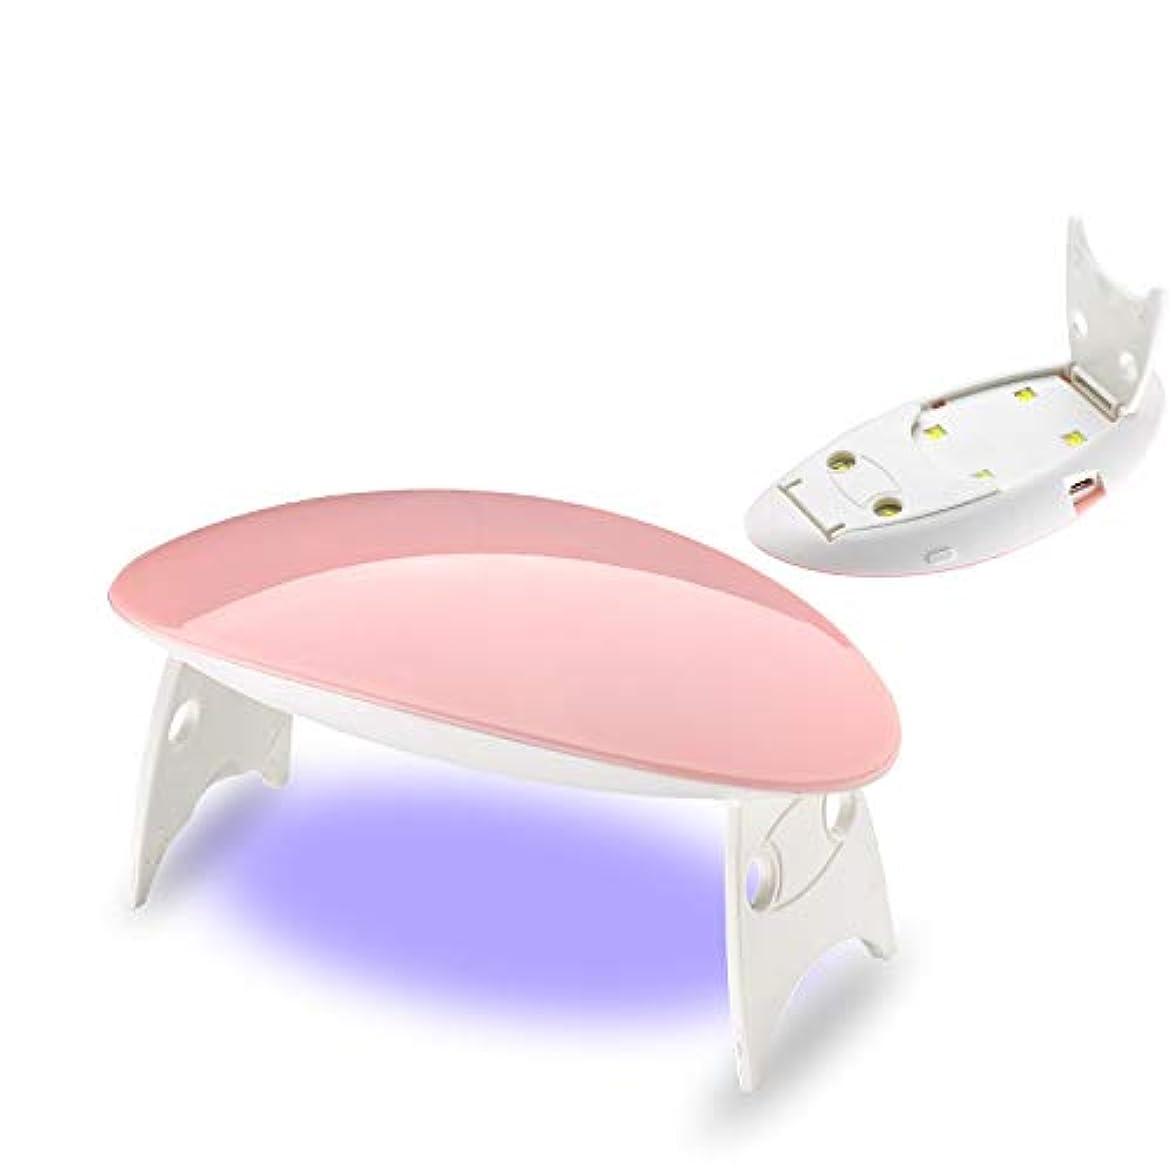 フロント休み弾薬12W ホワイト ネイルドライヤー ネイルデザイン ネイルライト 硬化用ライト ネイルアートツール ピンク